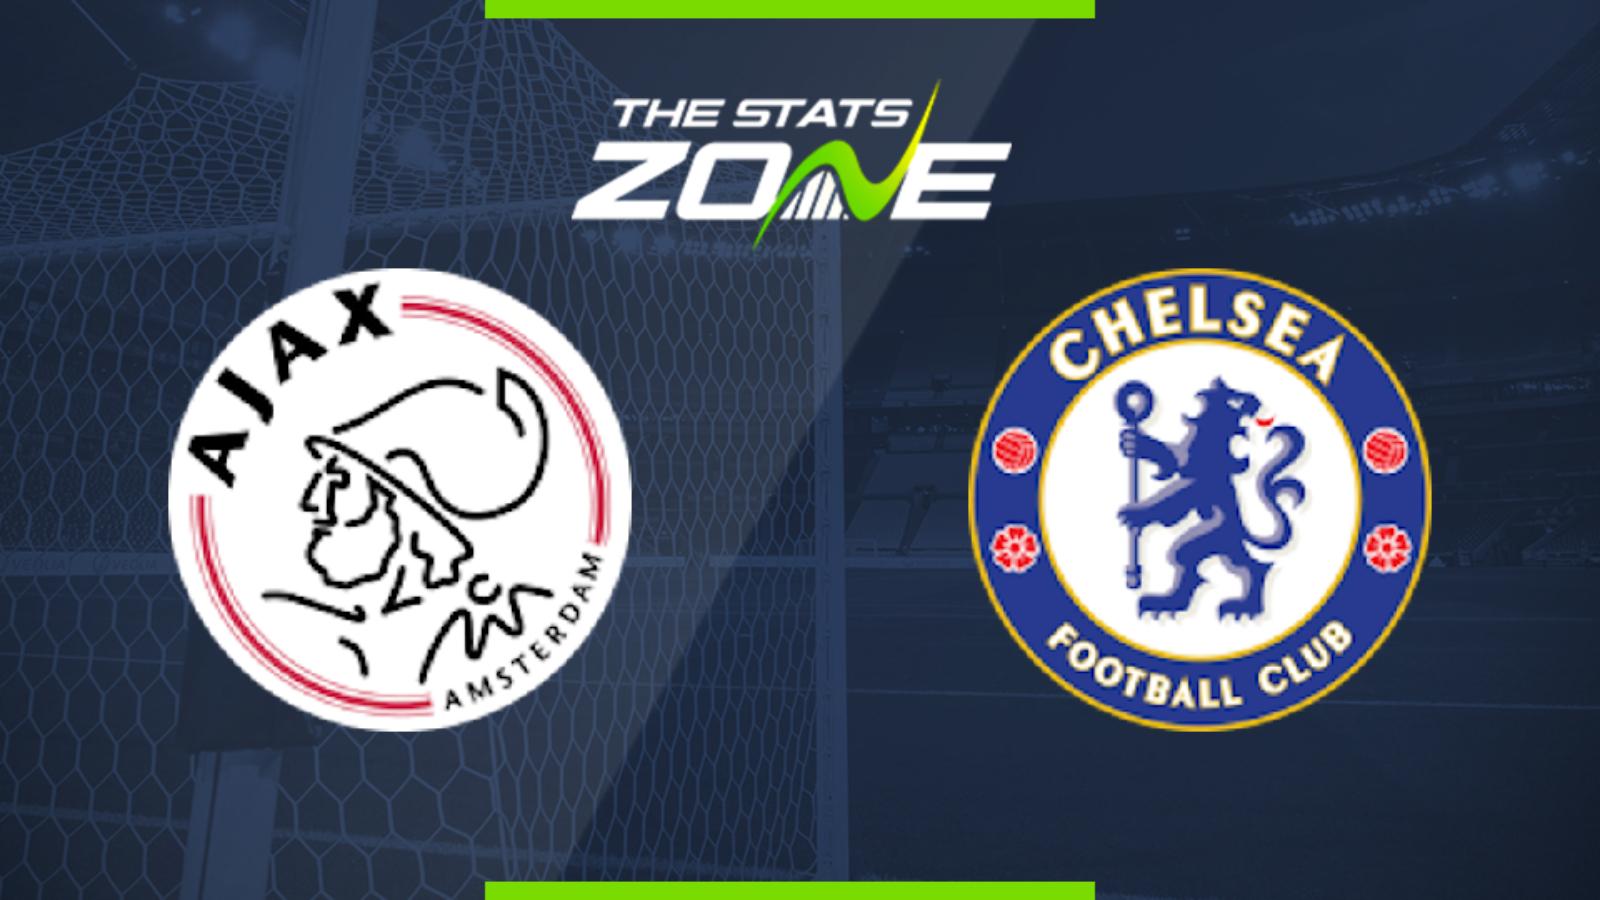 2019 20 Uefa Champions League Ajax Vs Chelsea Preview